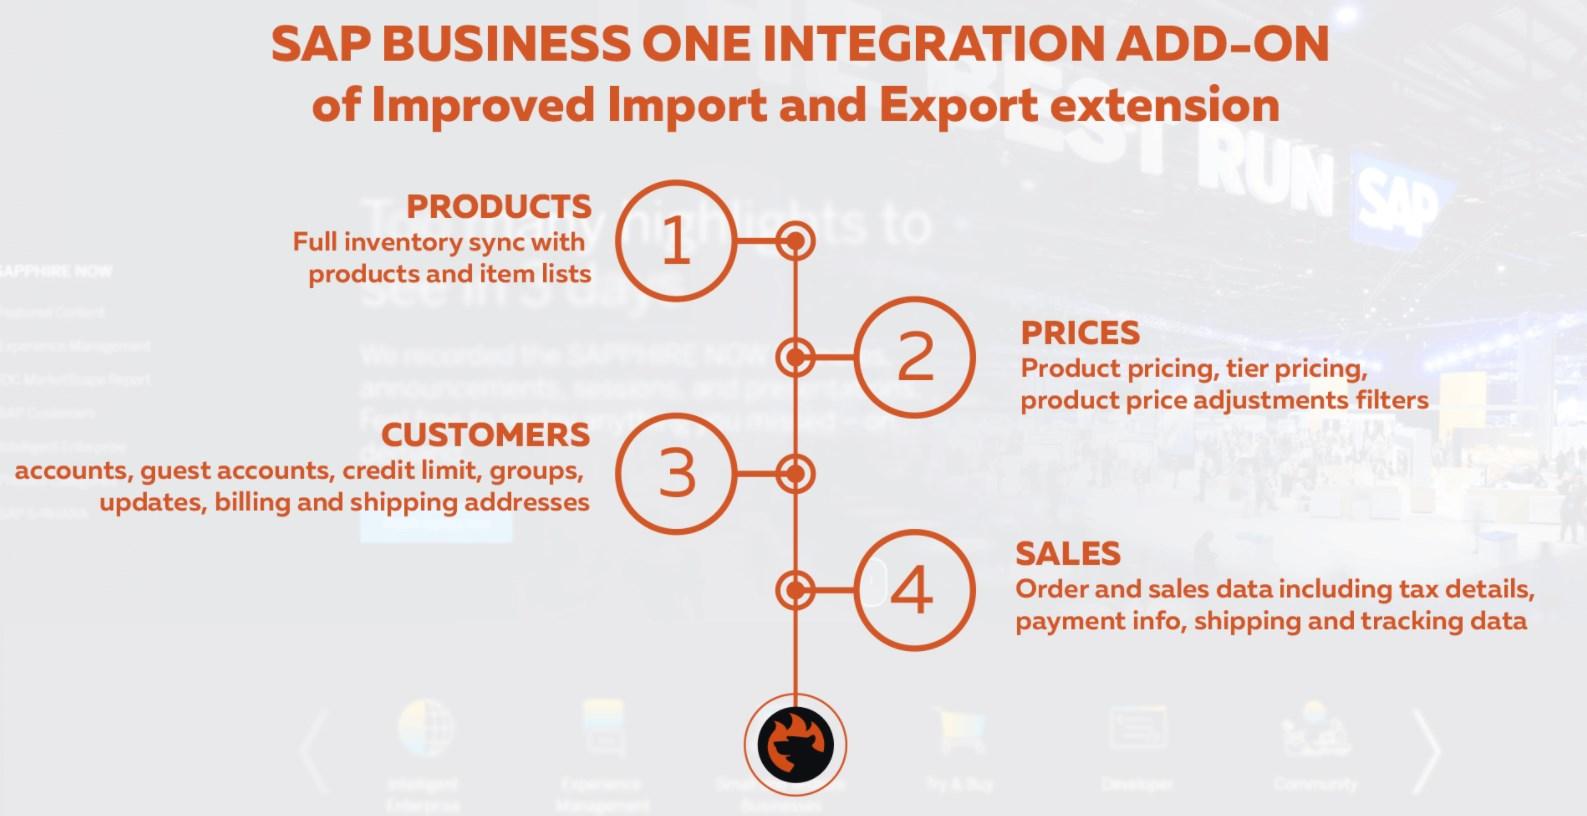 Magento 2 SAP Business One integration